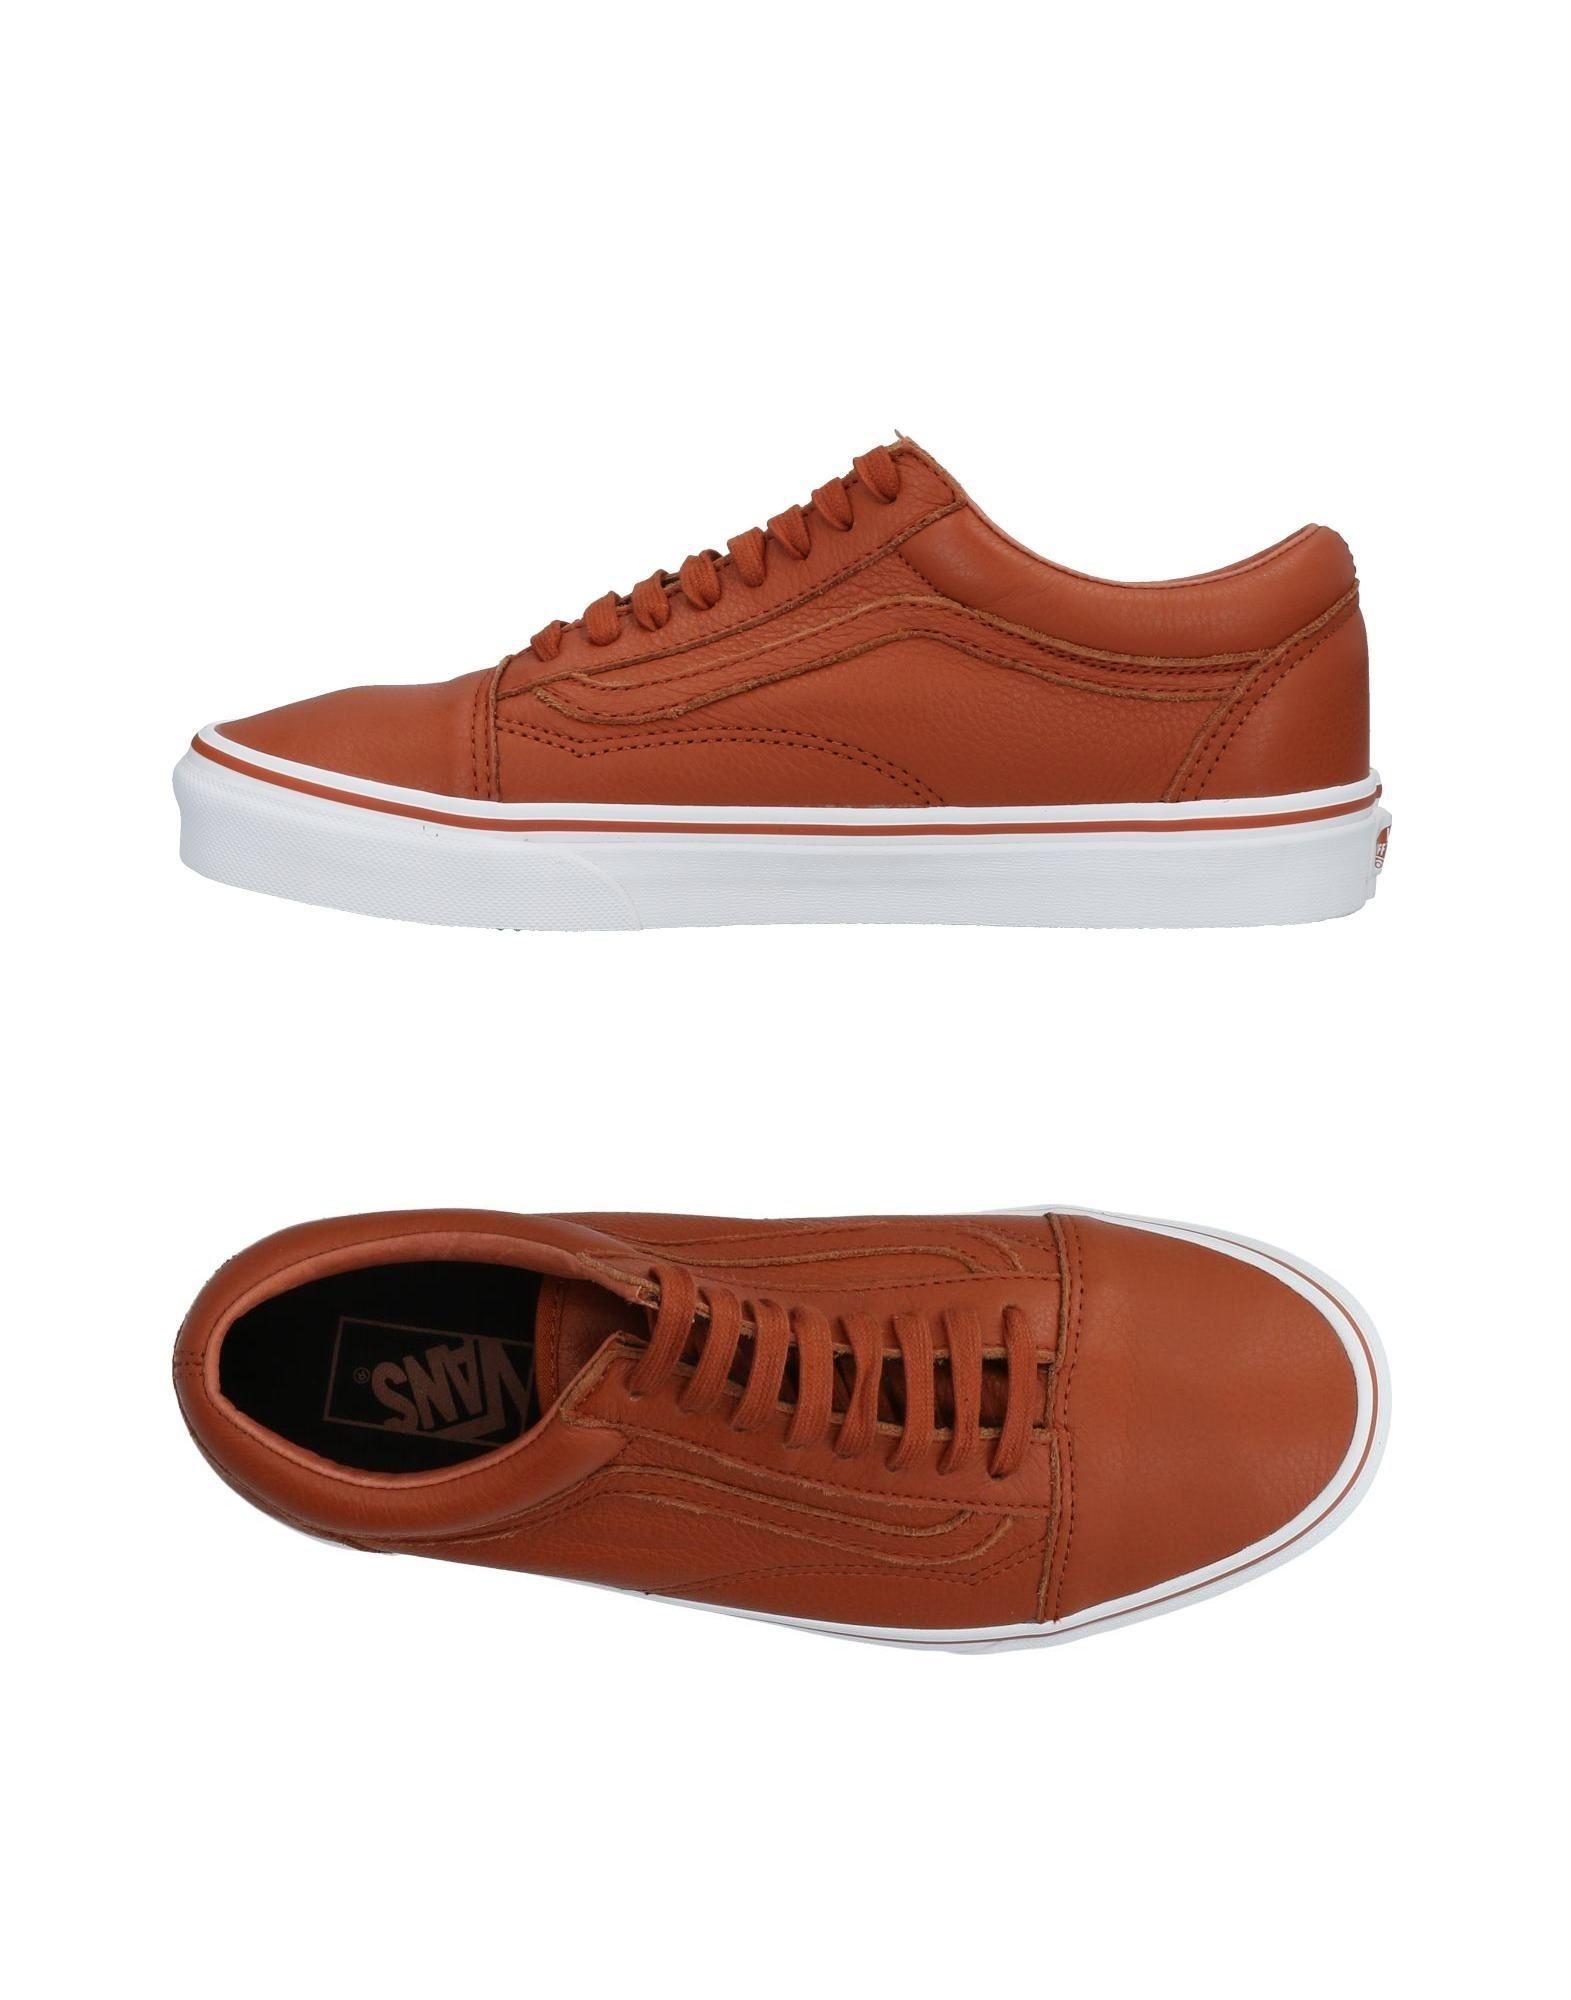 Rabatt echte Vans Schuhe Vans echte Sneakers Herren  11473843UR fb8ba7